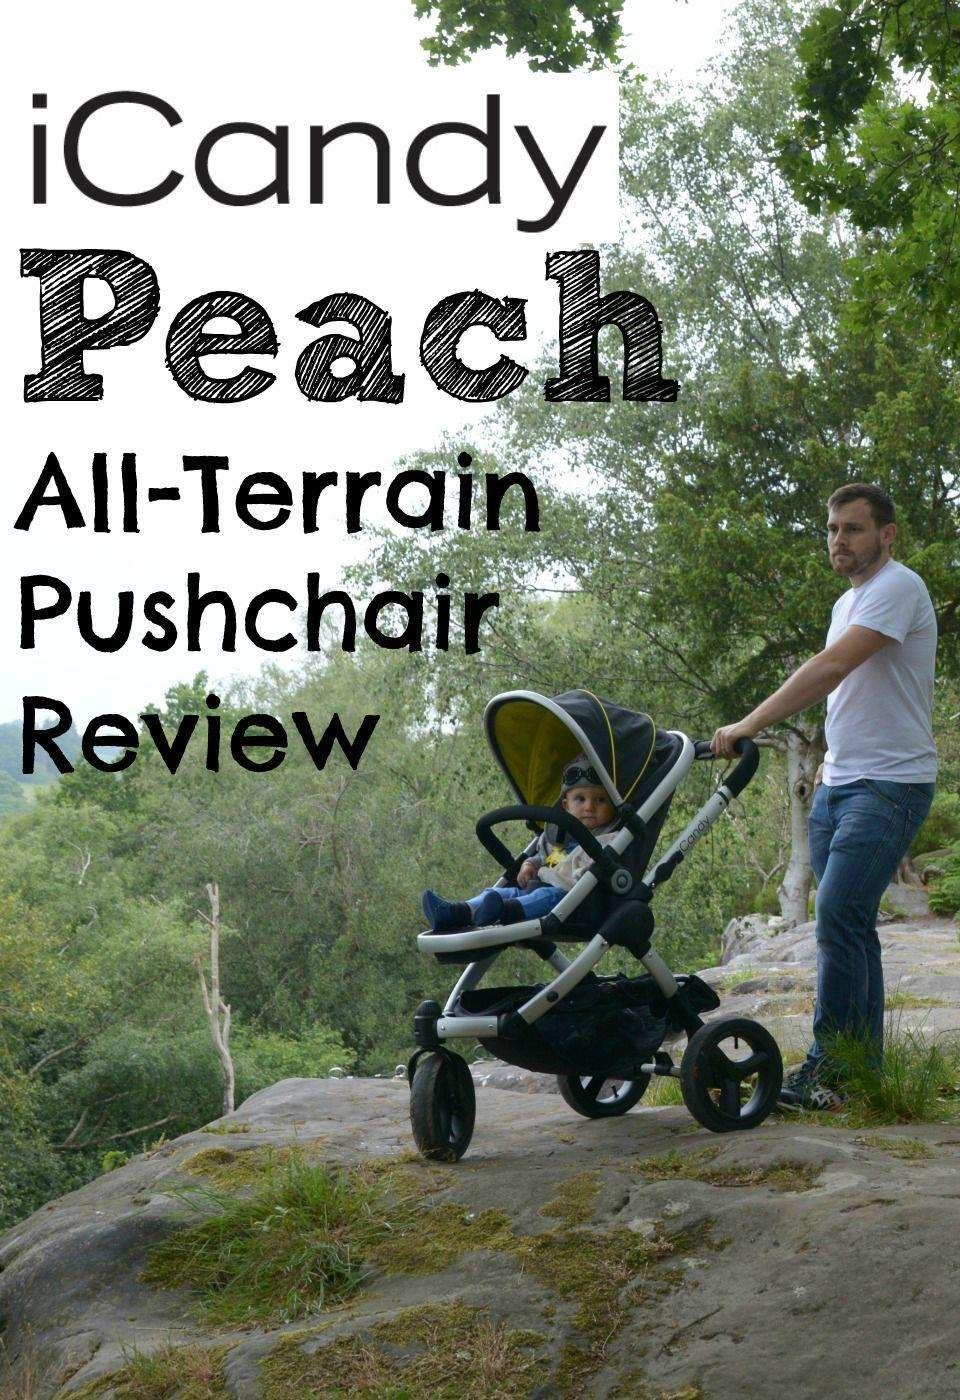 iCandy Peach All Terrain Review - #onedadandhisicandy, iCandy Peach All Terrain Review%, product-review%